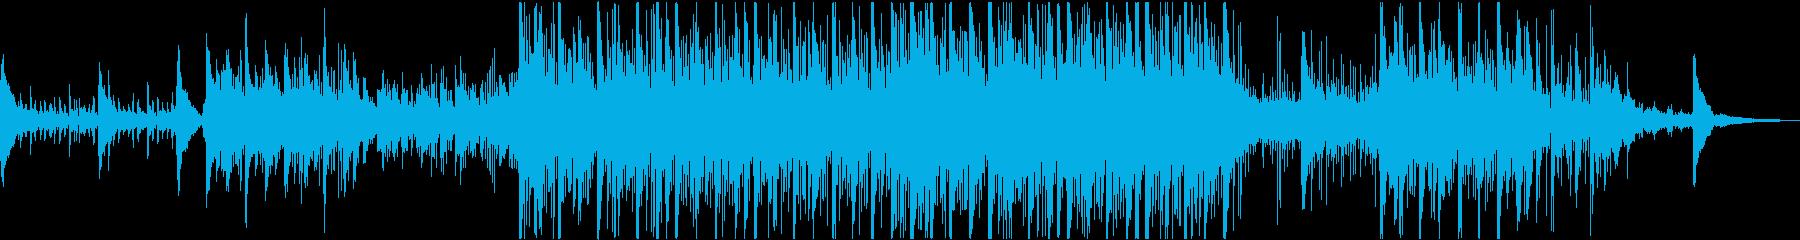 ニューエイジ研究所魔法のおとぎ話の...の再生済みの波形